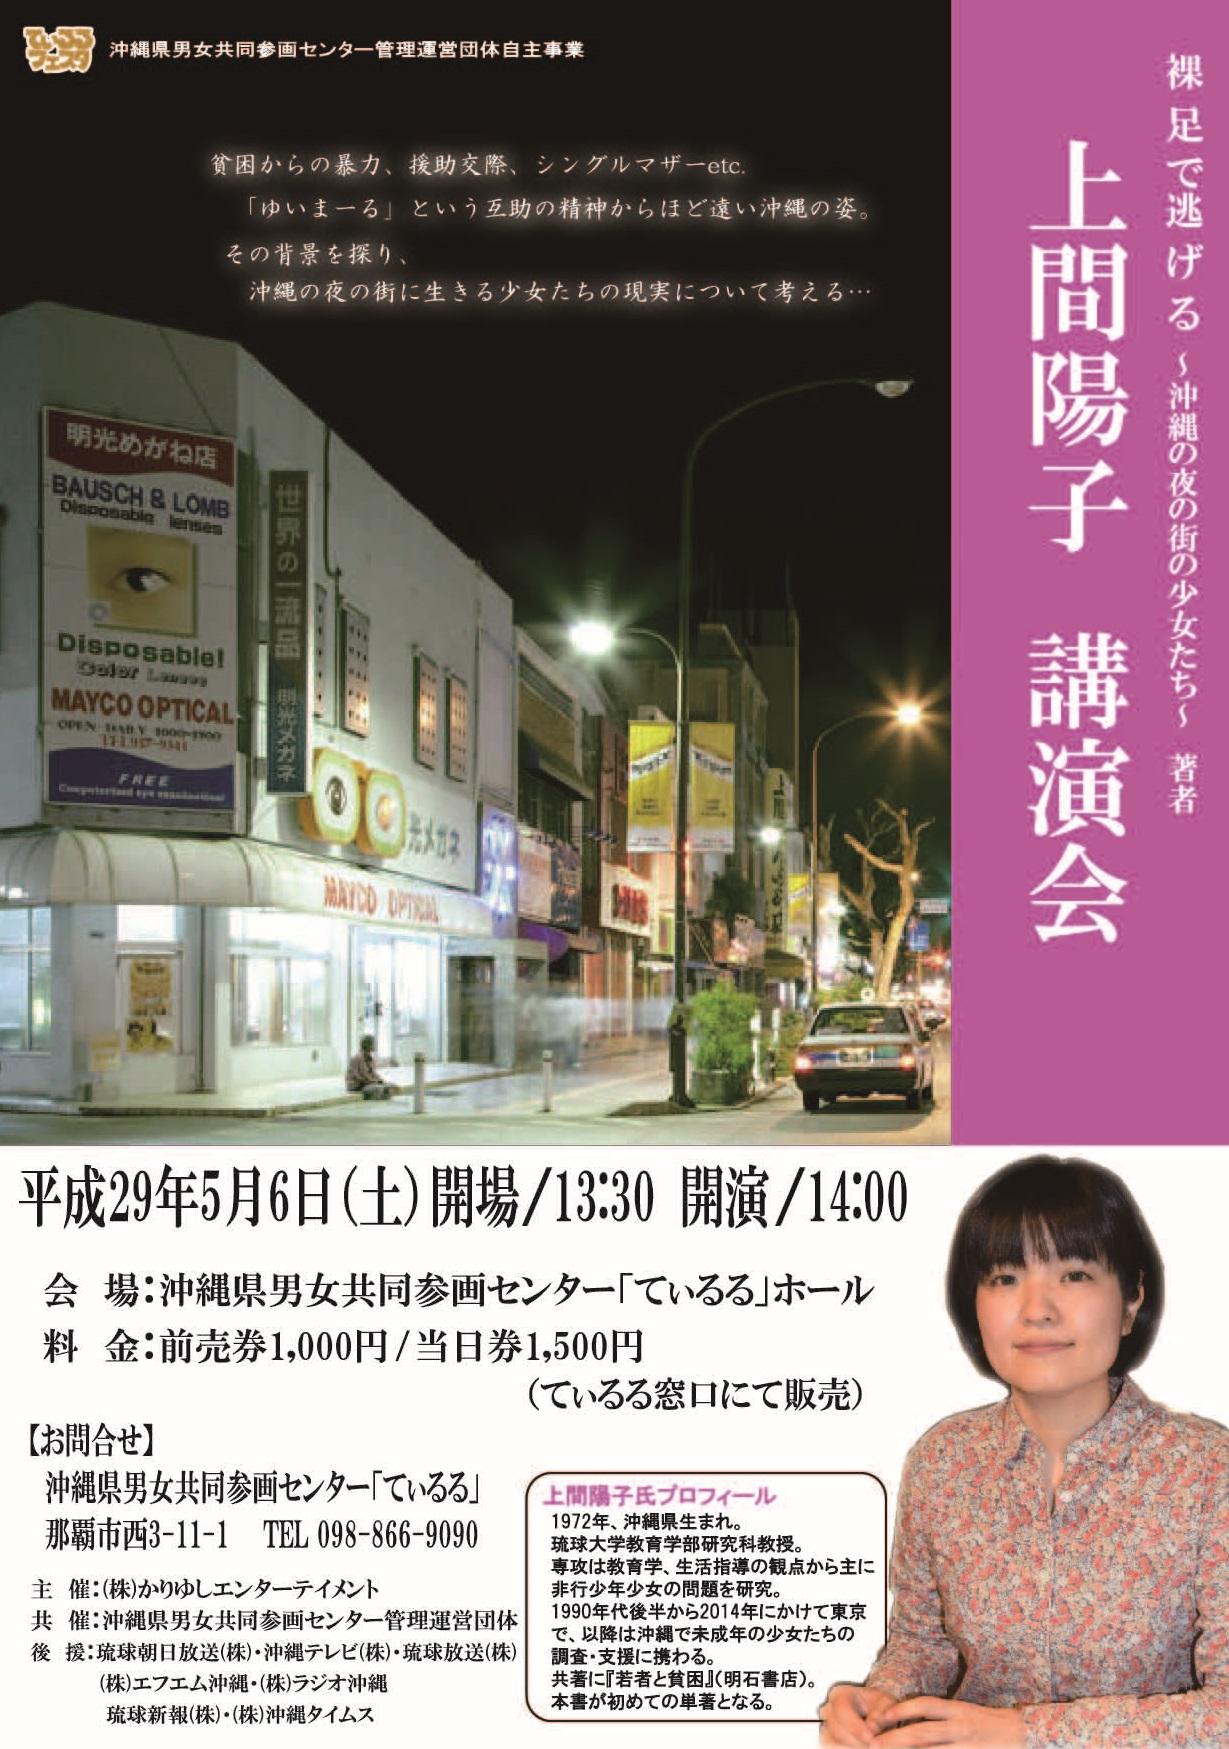 てぃるるファスタ 「裸足で逃げる」 上間陽子後援会 (4月13日)